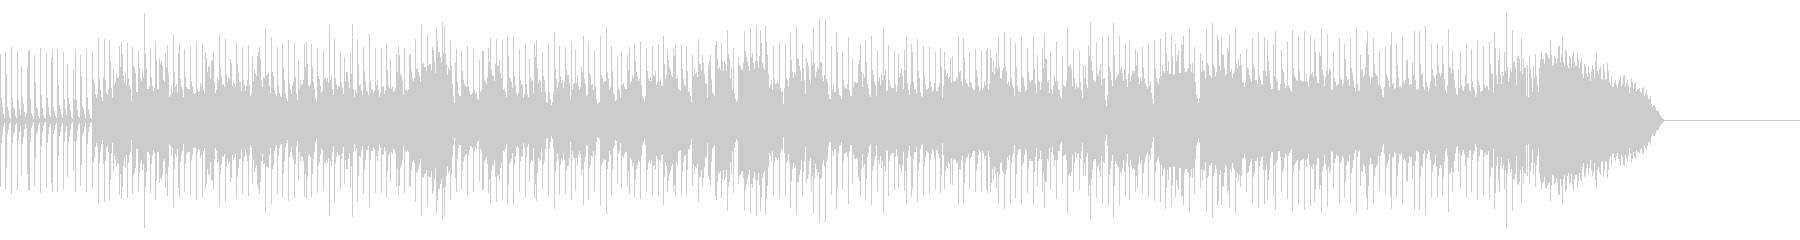 バイオリンによる明るいおでかけ風ポップスの未再生の波形